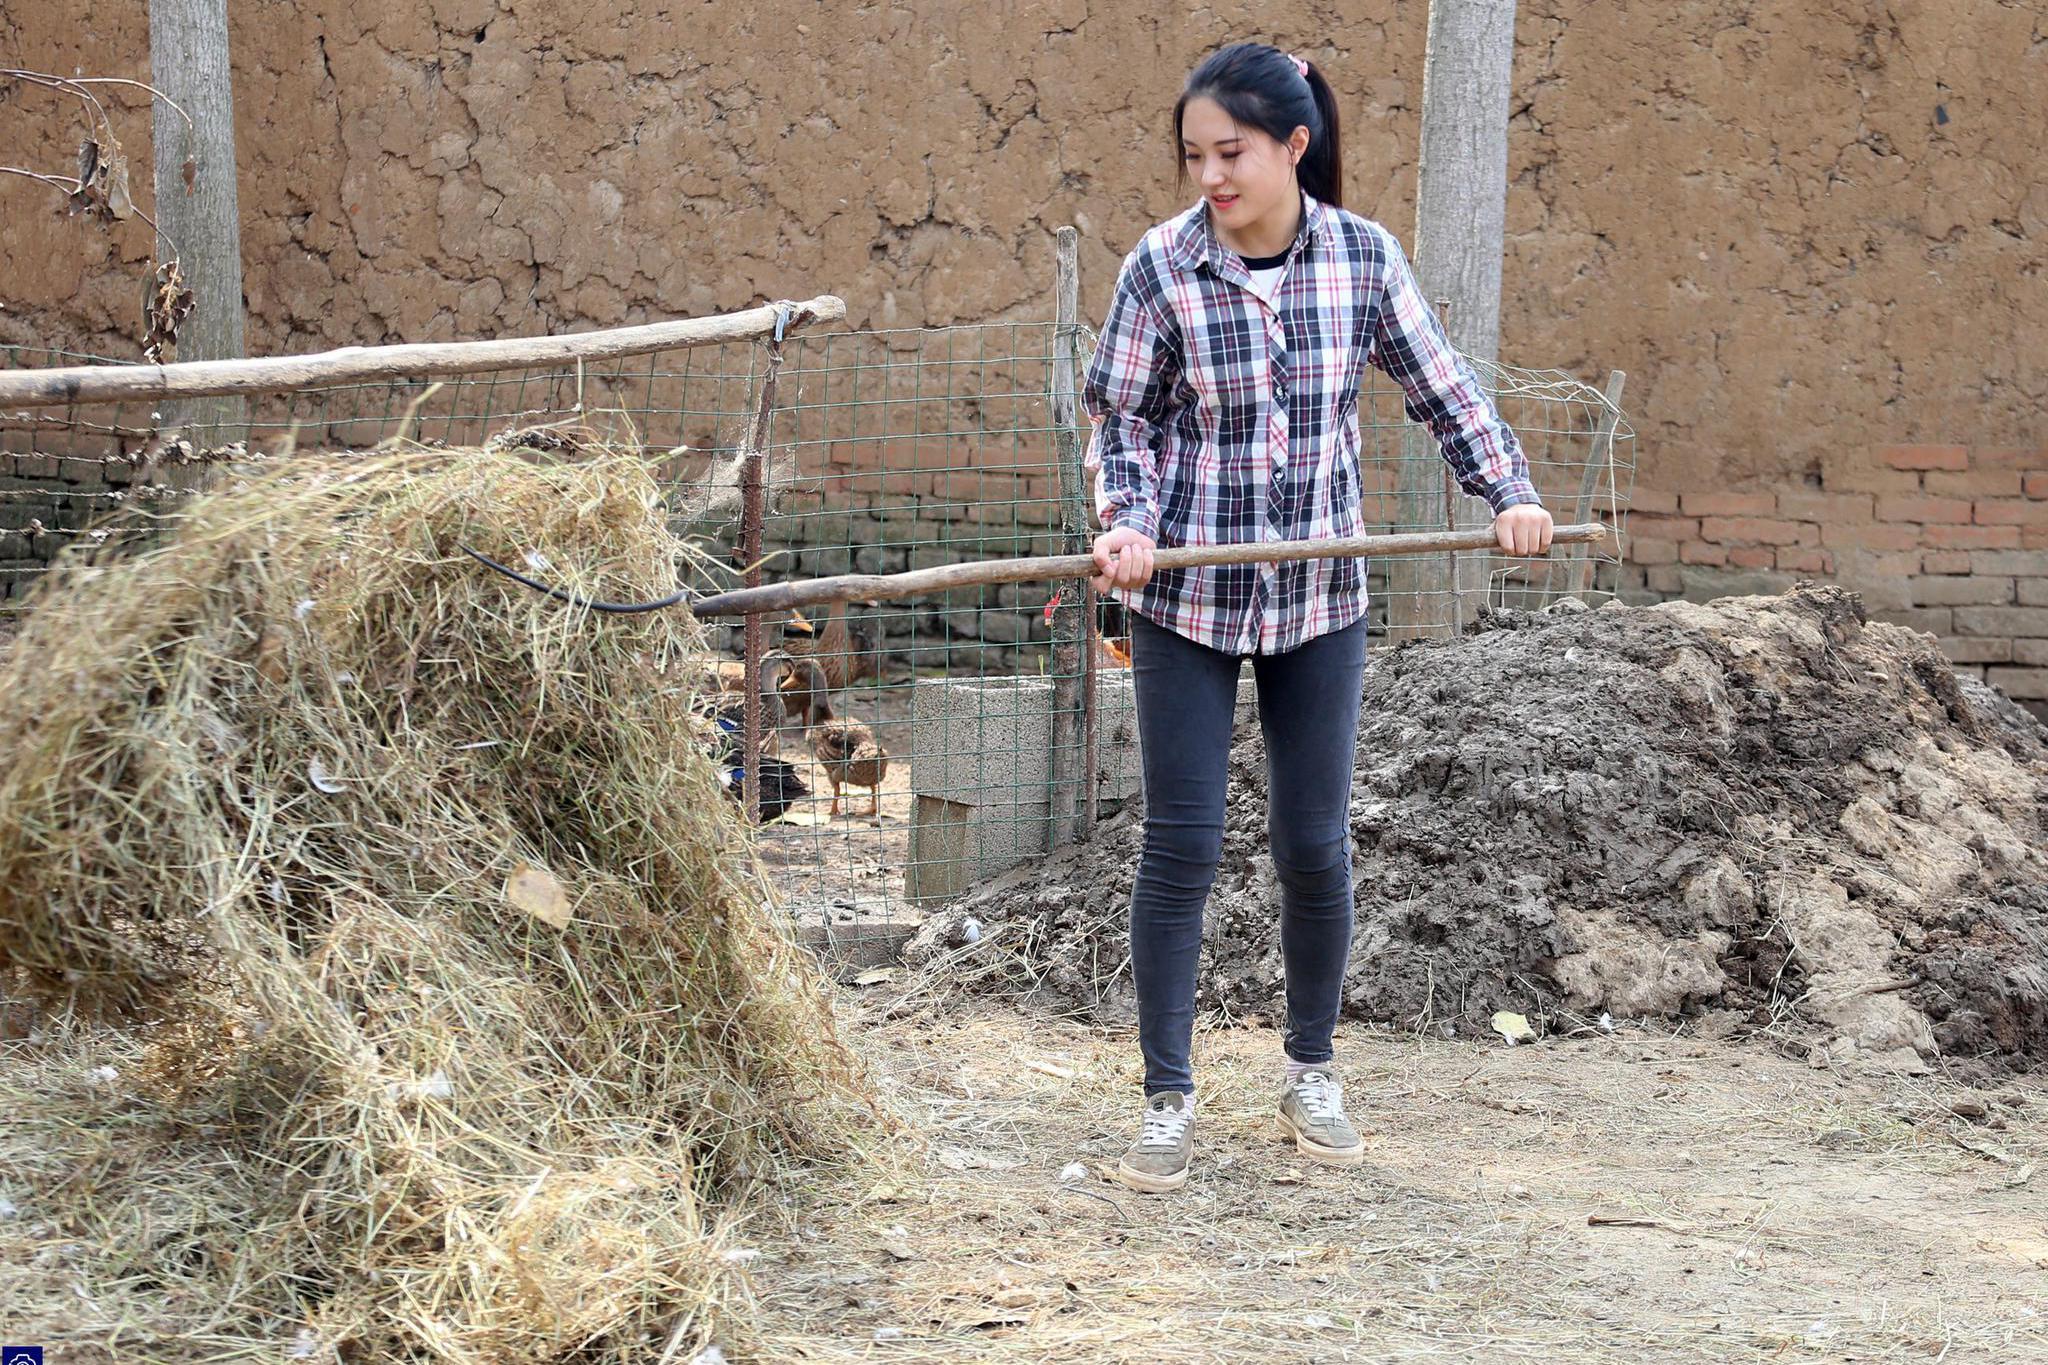 漂亮女孩大学毕业辞职回农村种地,被万千网友点赞,追求者排长队